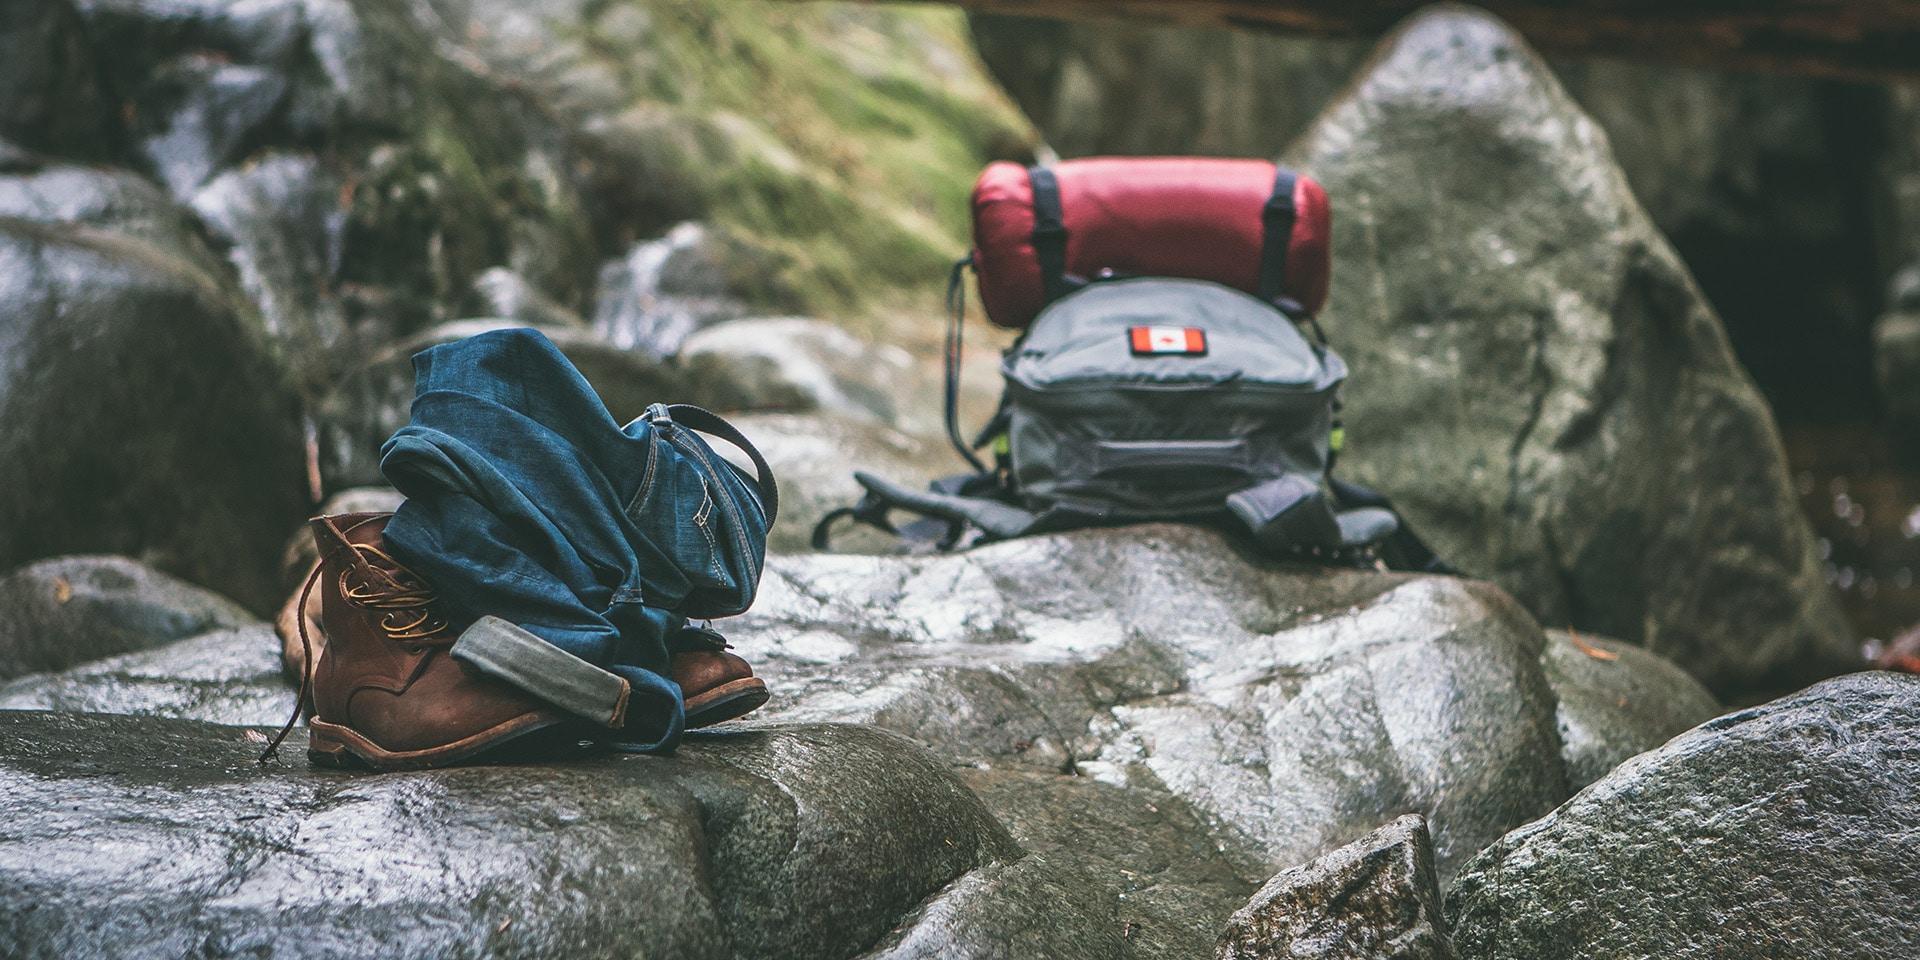 Что взять в поход: обувь, одежда и снаряжение